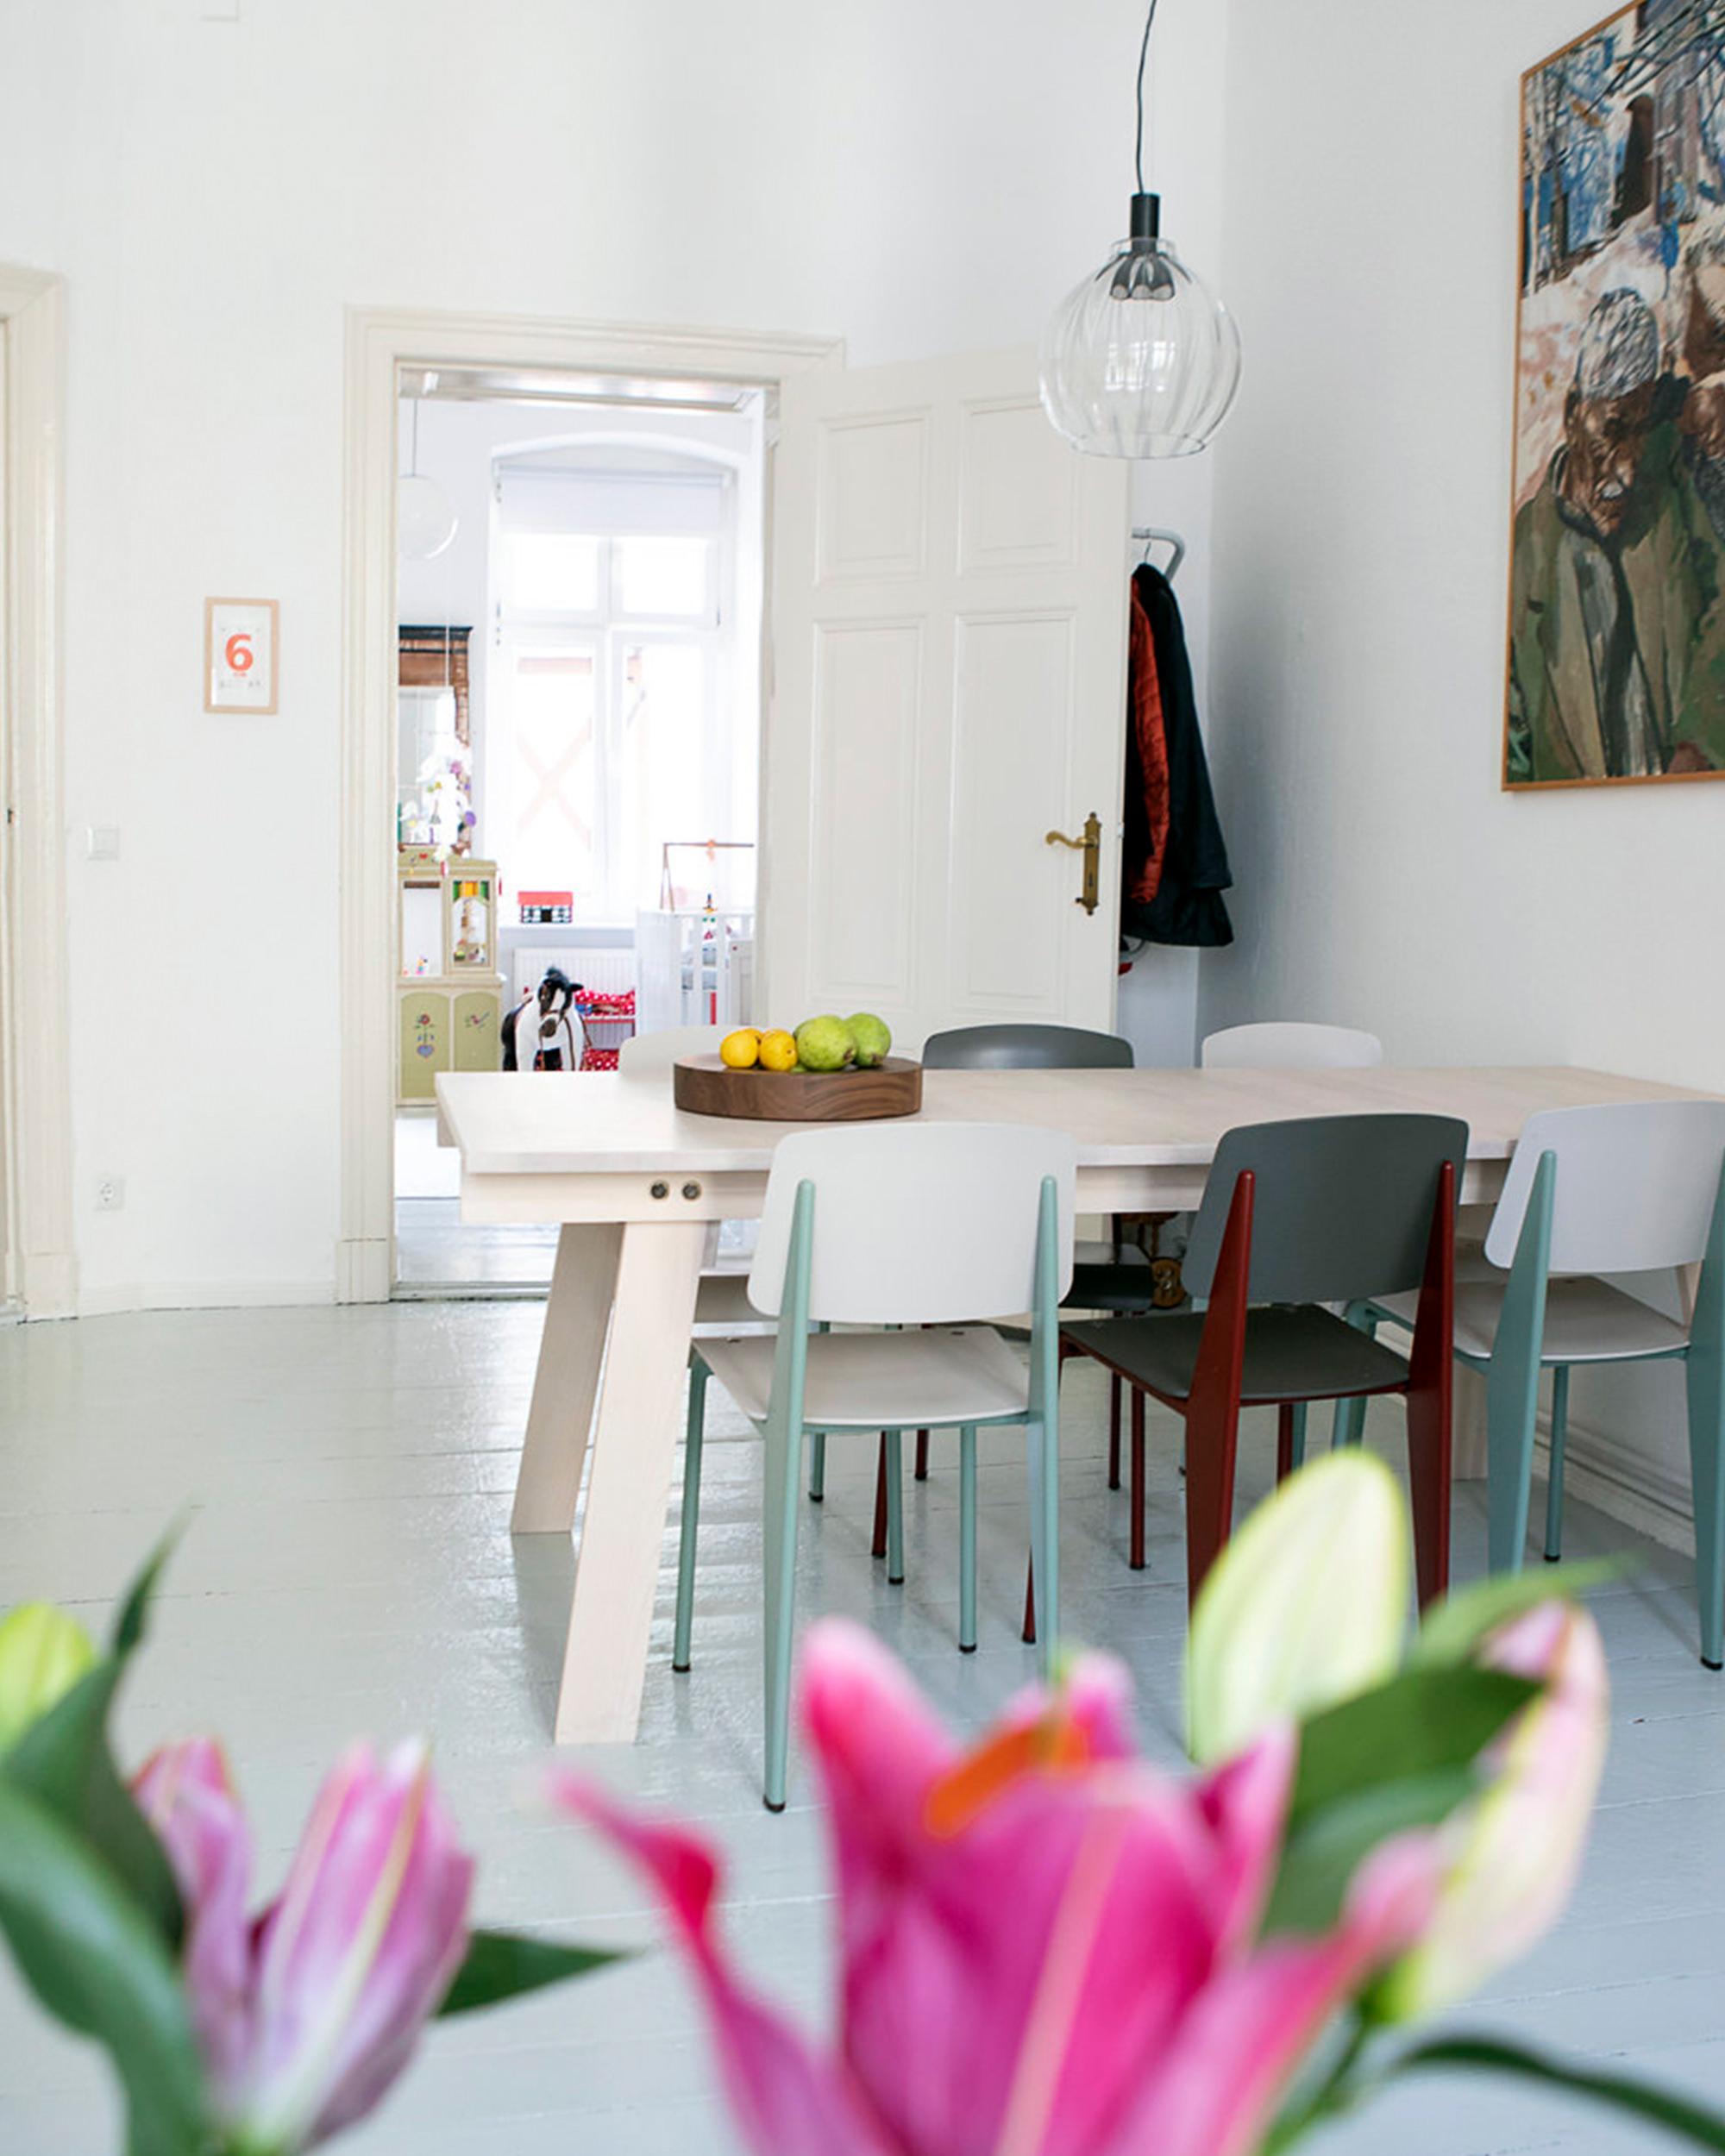 Mark Braun Mono Designer Credits Juliane Eirich for Homtastics 06